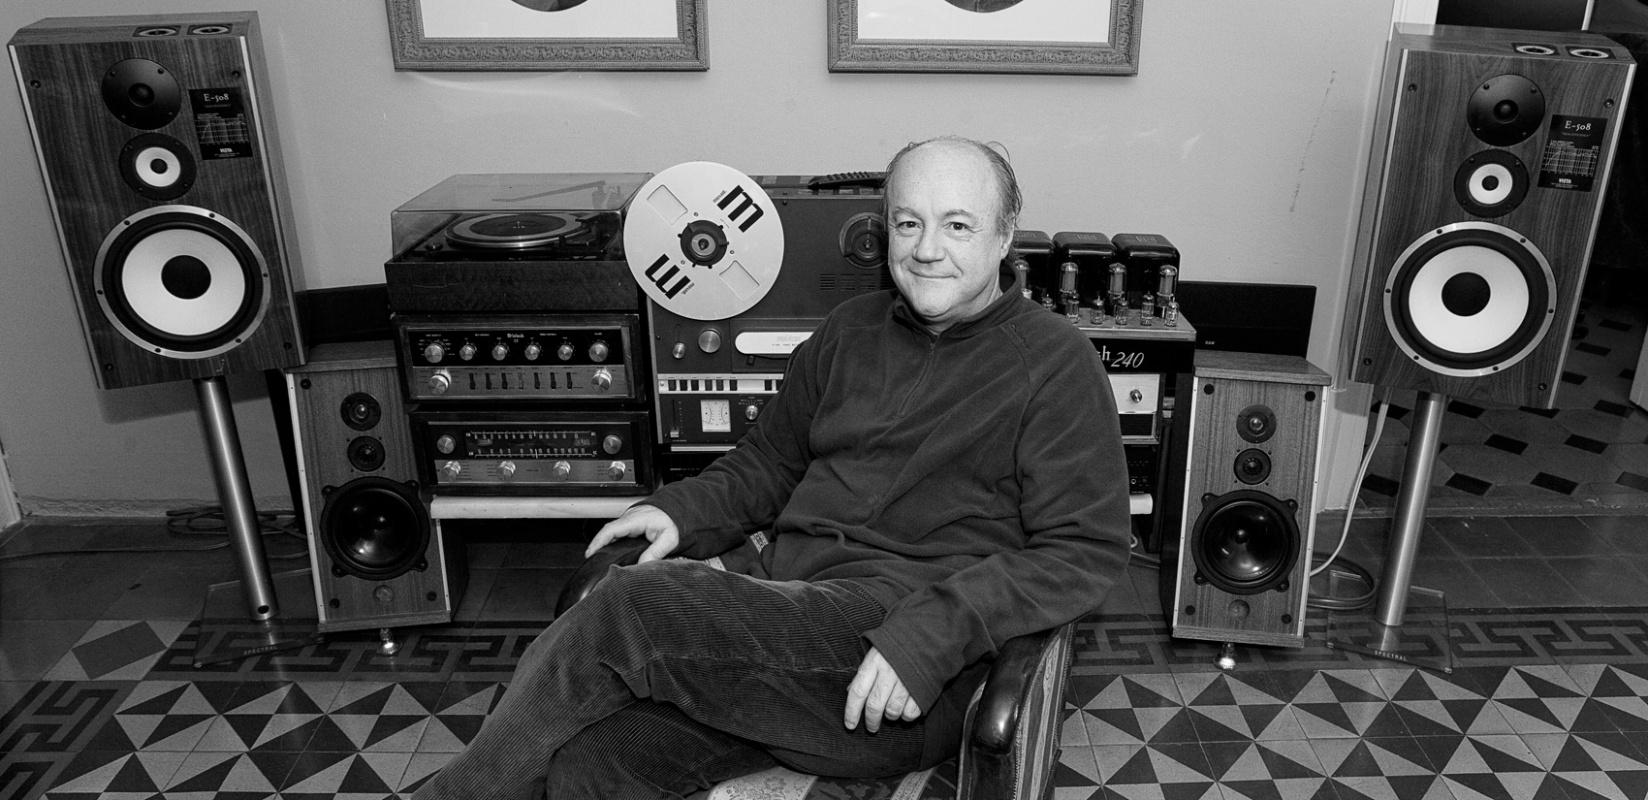 westudio fotografía - Miquel Roger, compositor